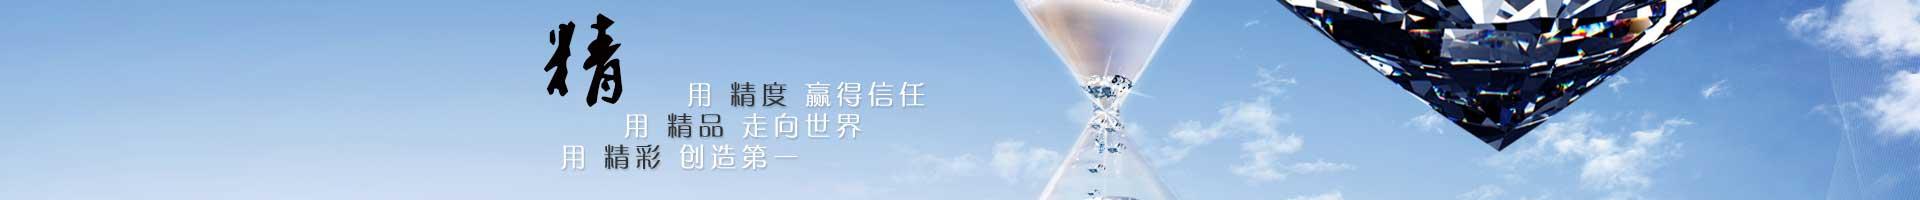 辽阳市信息产业行业协会参观进博会并赴阿里巴巴考察